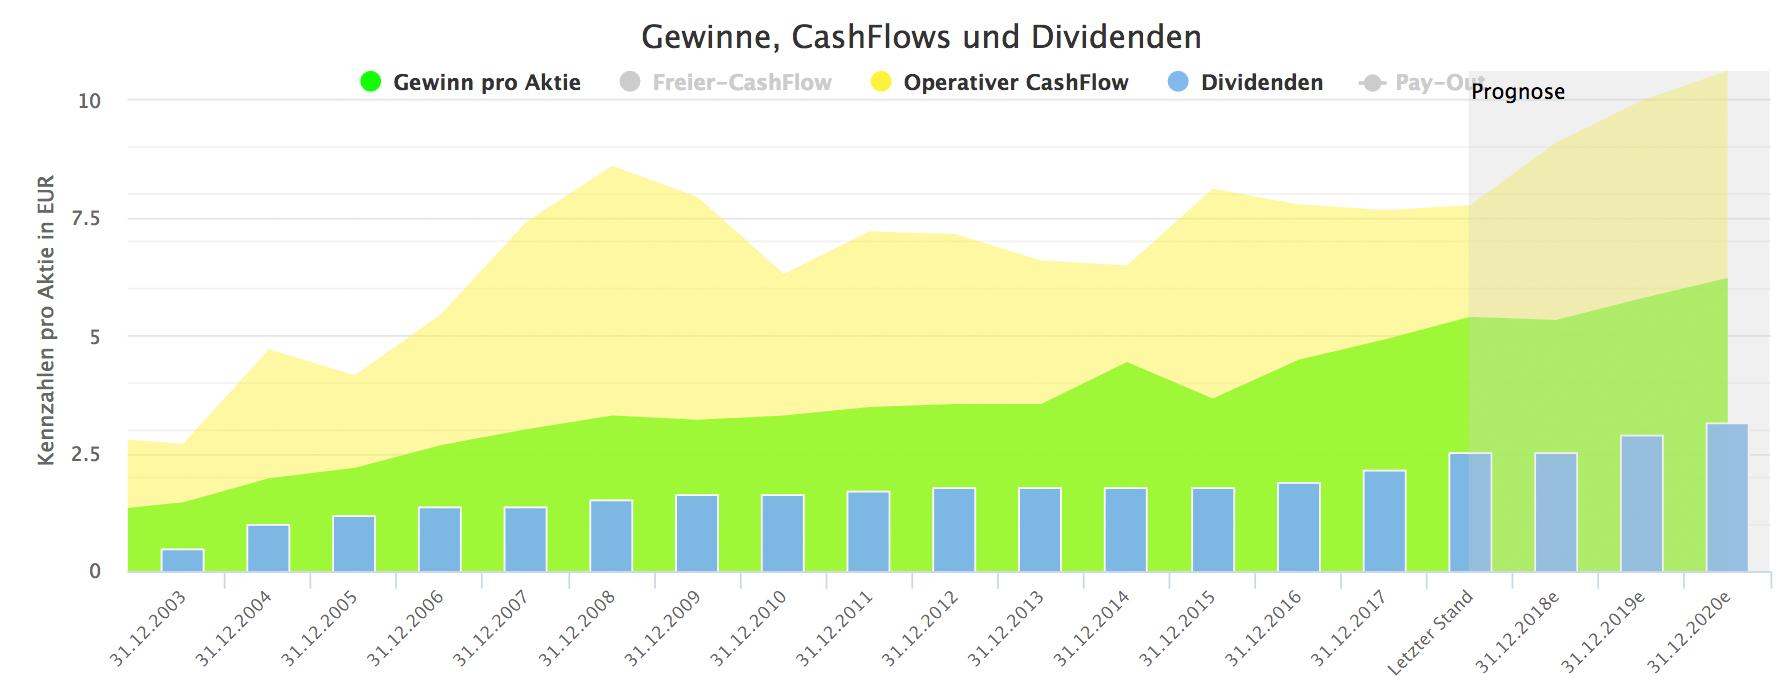 Vinci: Dividende, CashFlow und Gewinne.